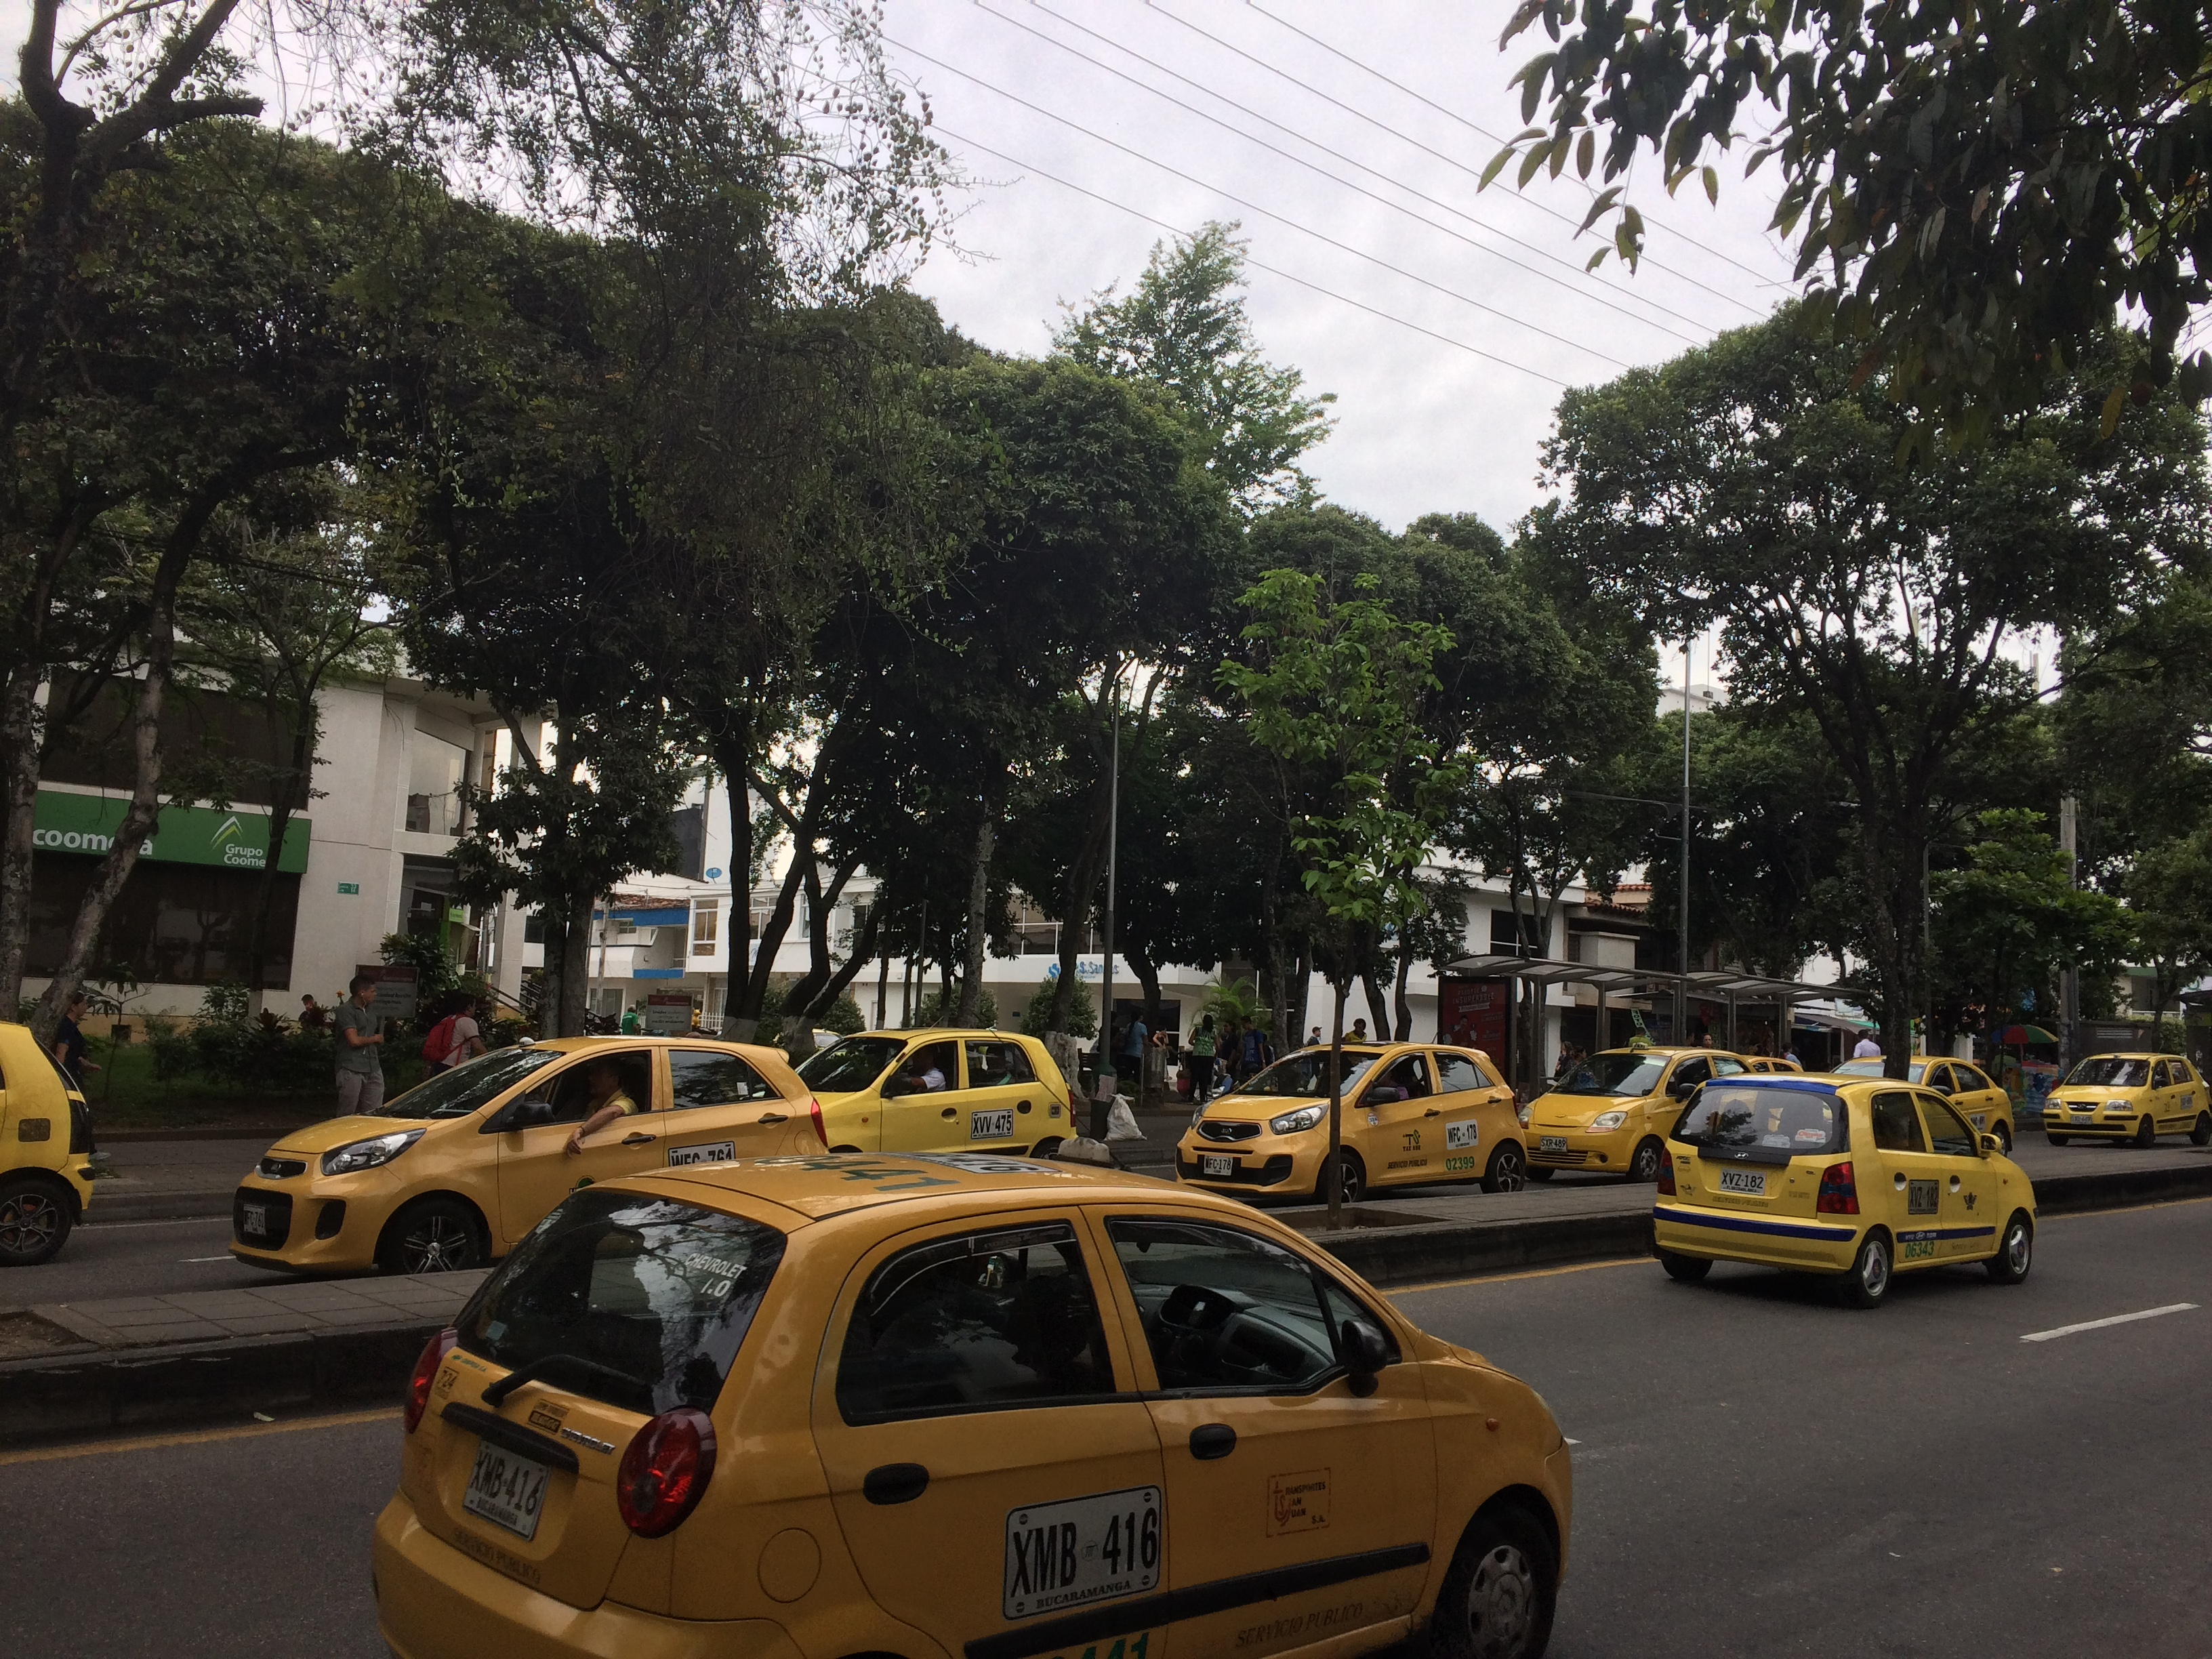 すべての車とバイクが禁止され、街全体がタクシーで黄色に染まった日。環境に良い取り組み